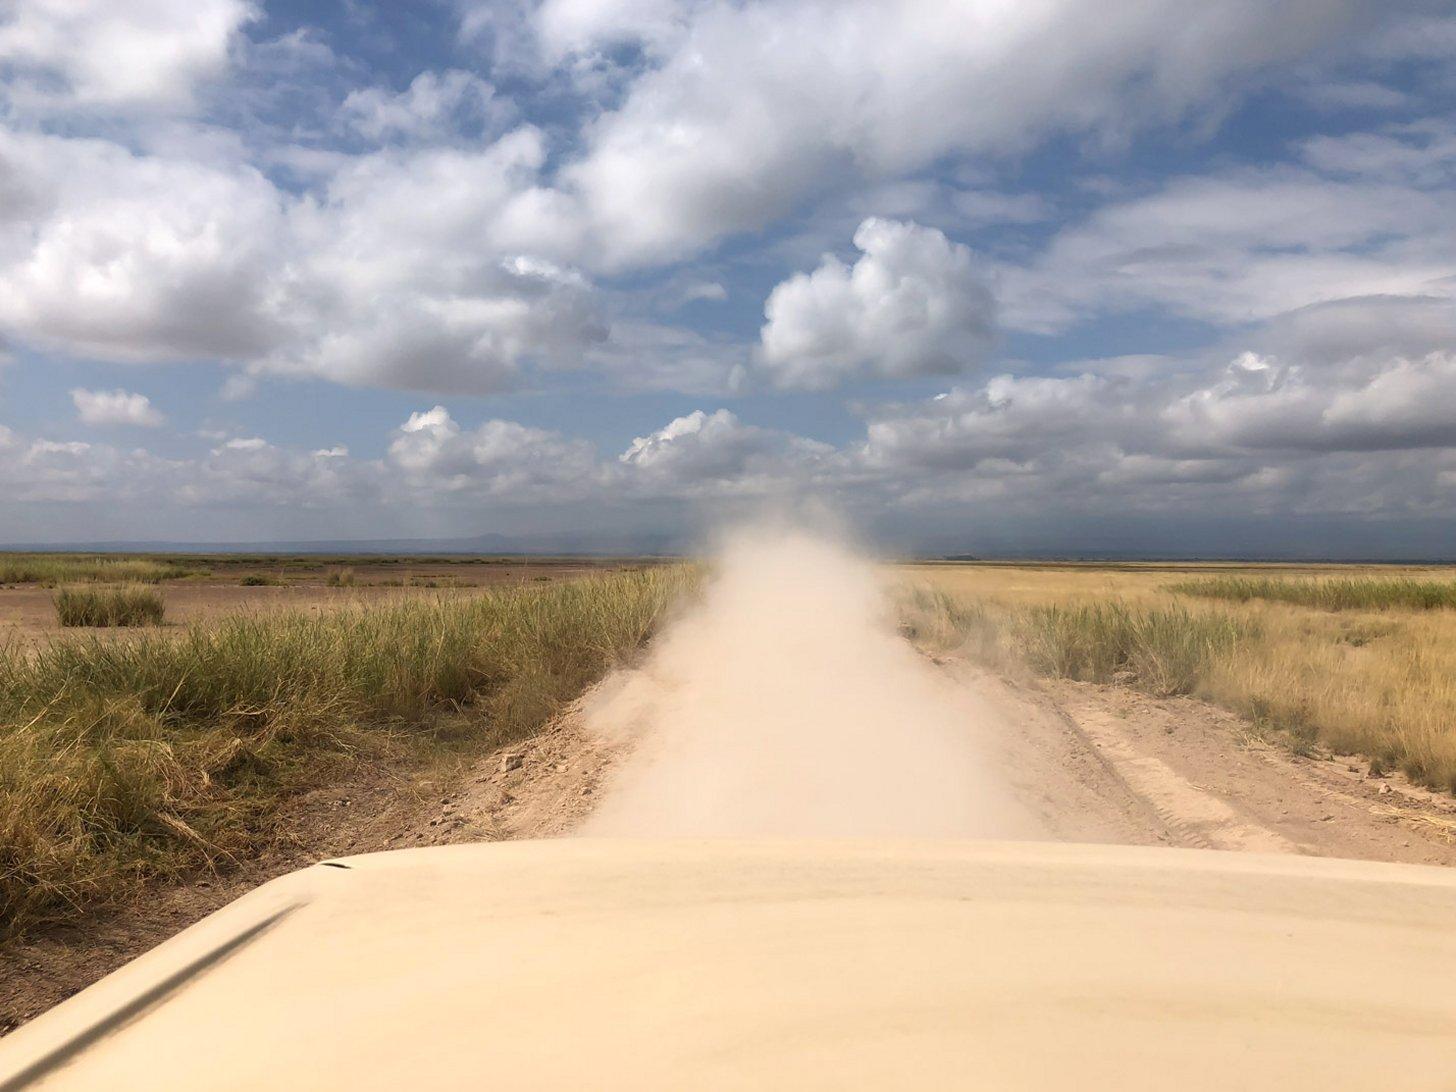 Het kan erg droog worden in Kenia. Kijk maar naar deze stofwolk achter de auto.